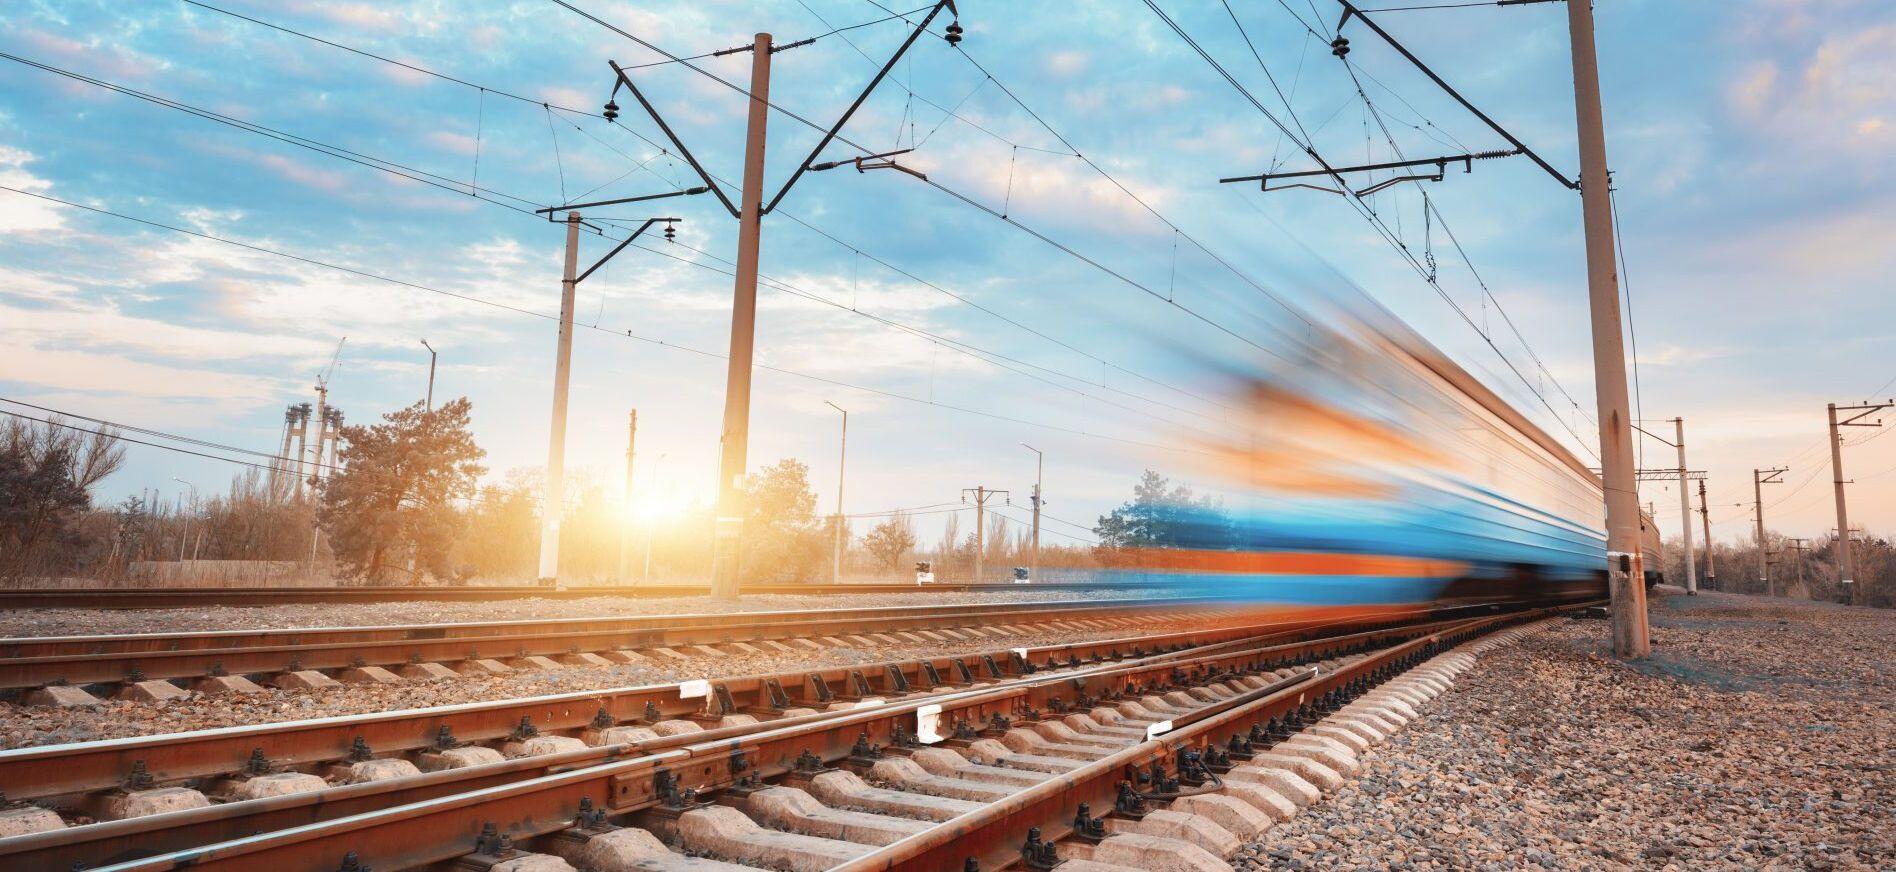 Железная дорога нуждается в модернизации